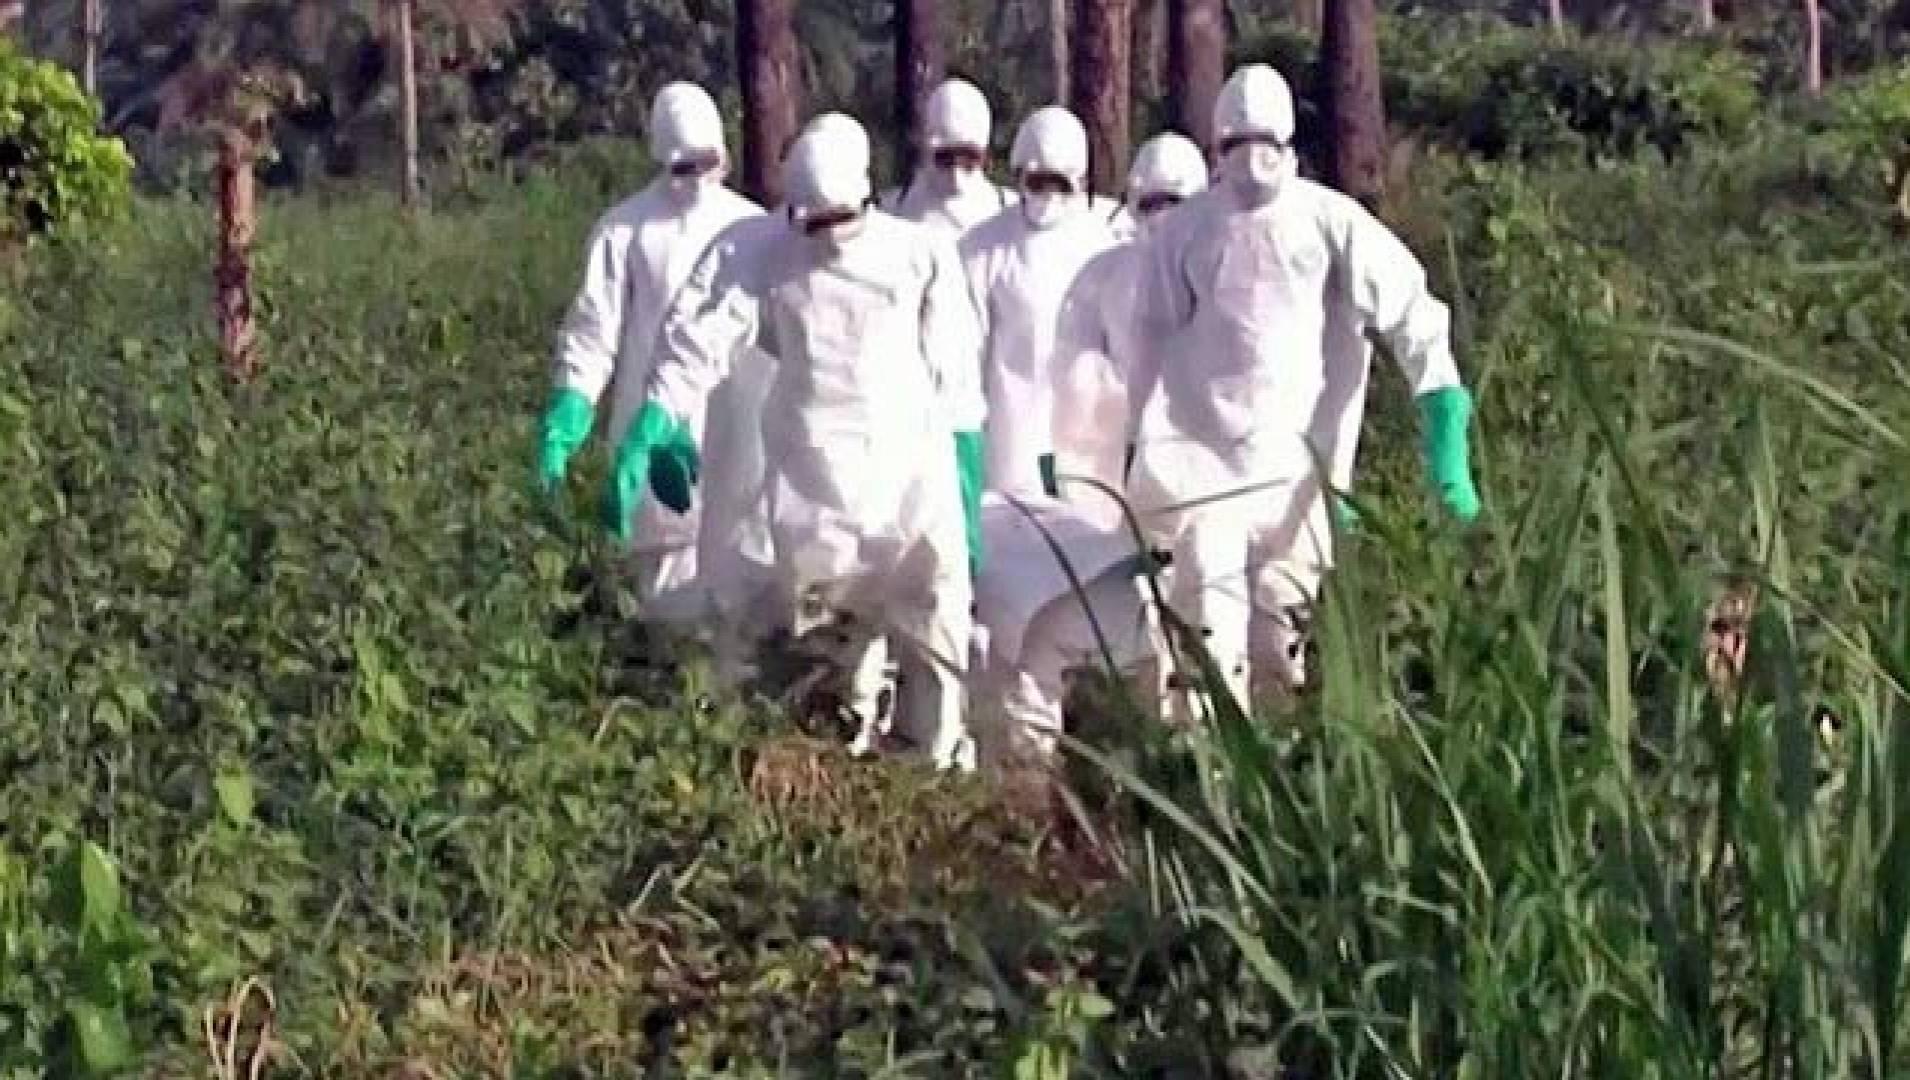 Своими глазами: Эпидемия Эболы в Либерии - Документальный фильм